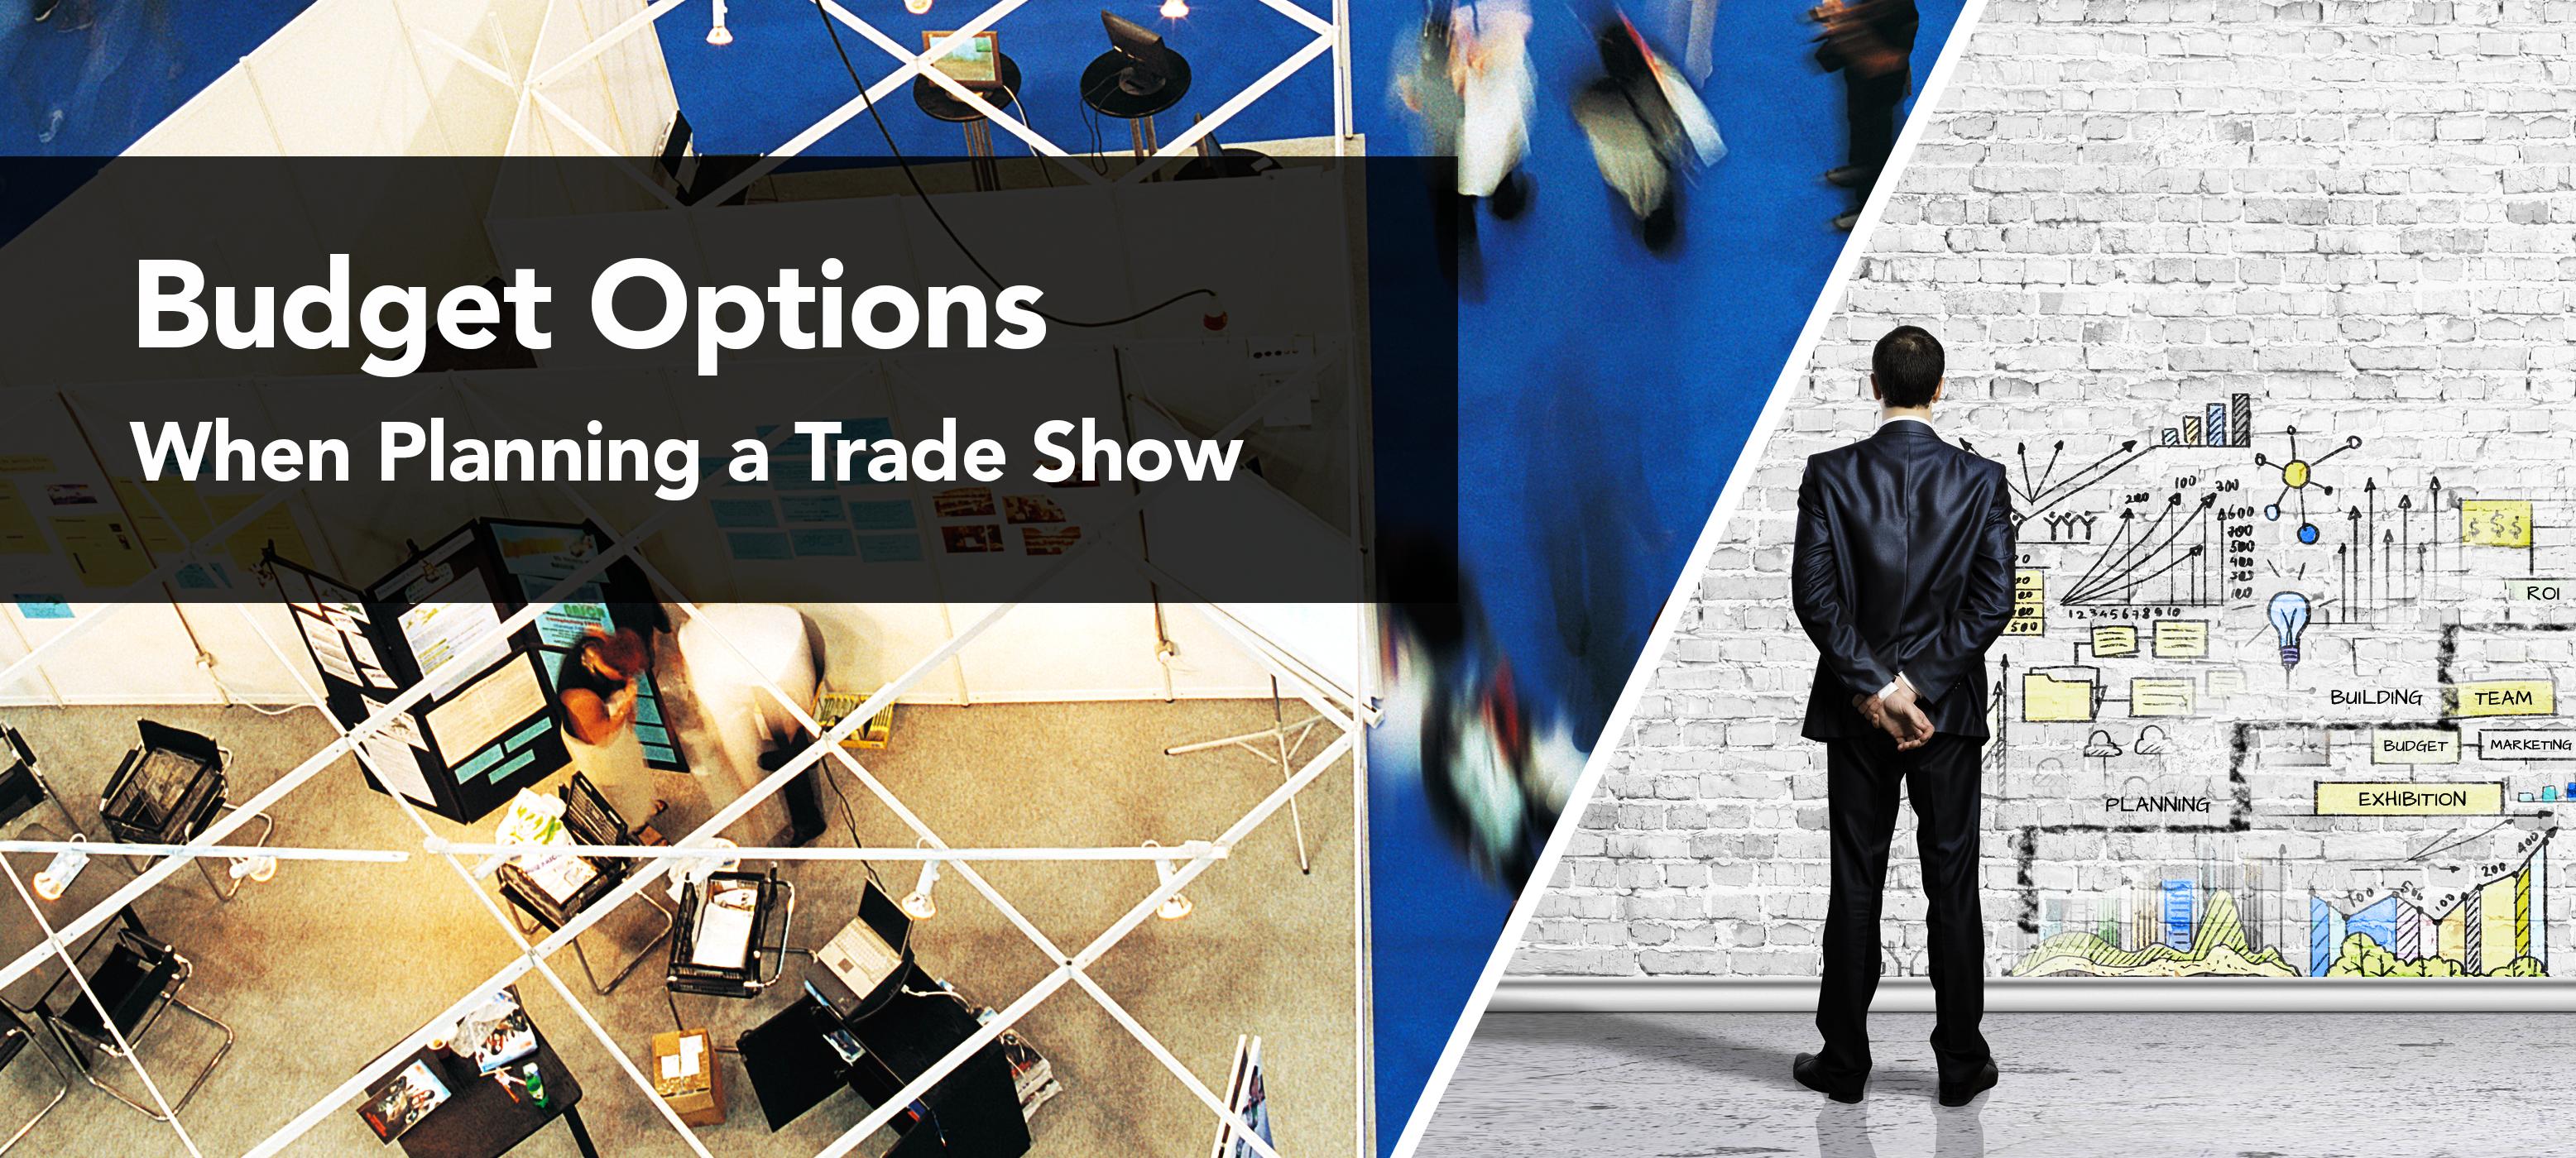 Option trade show